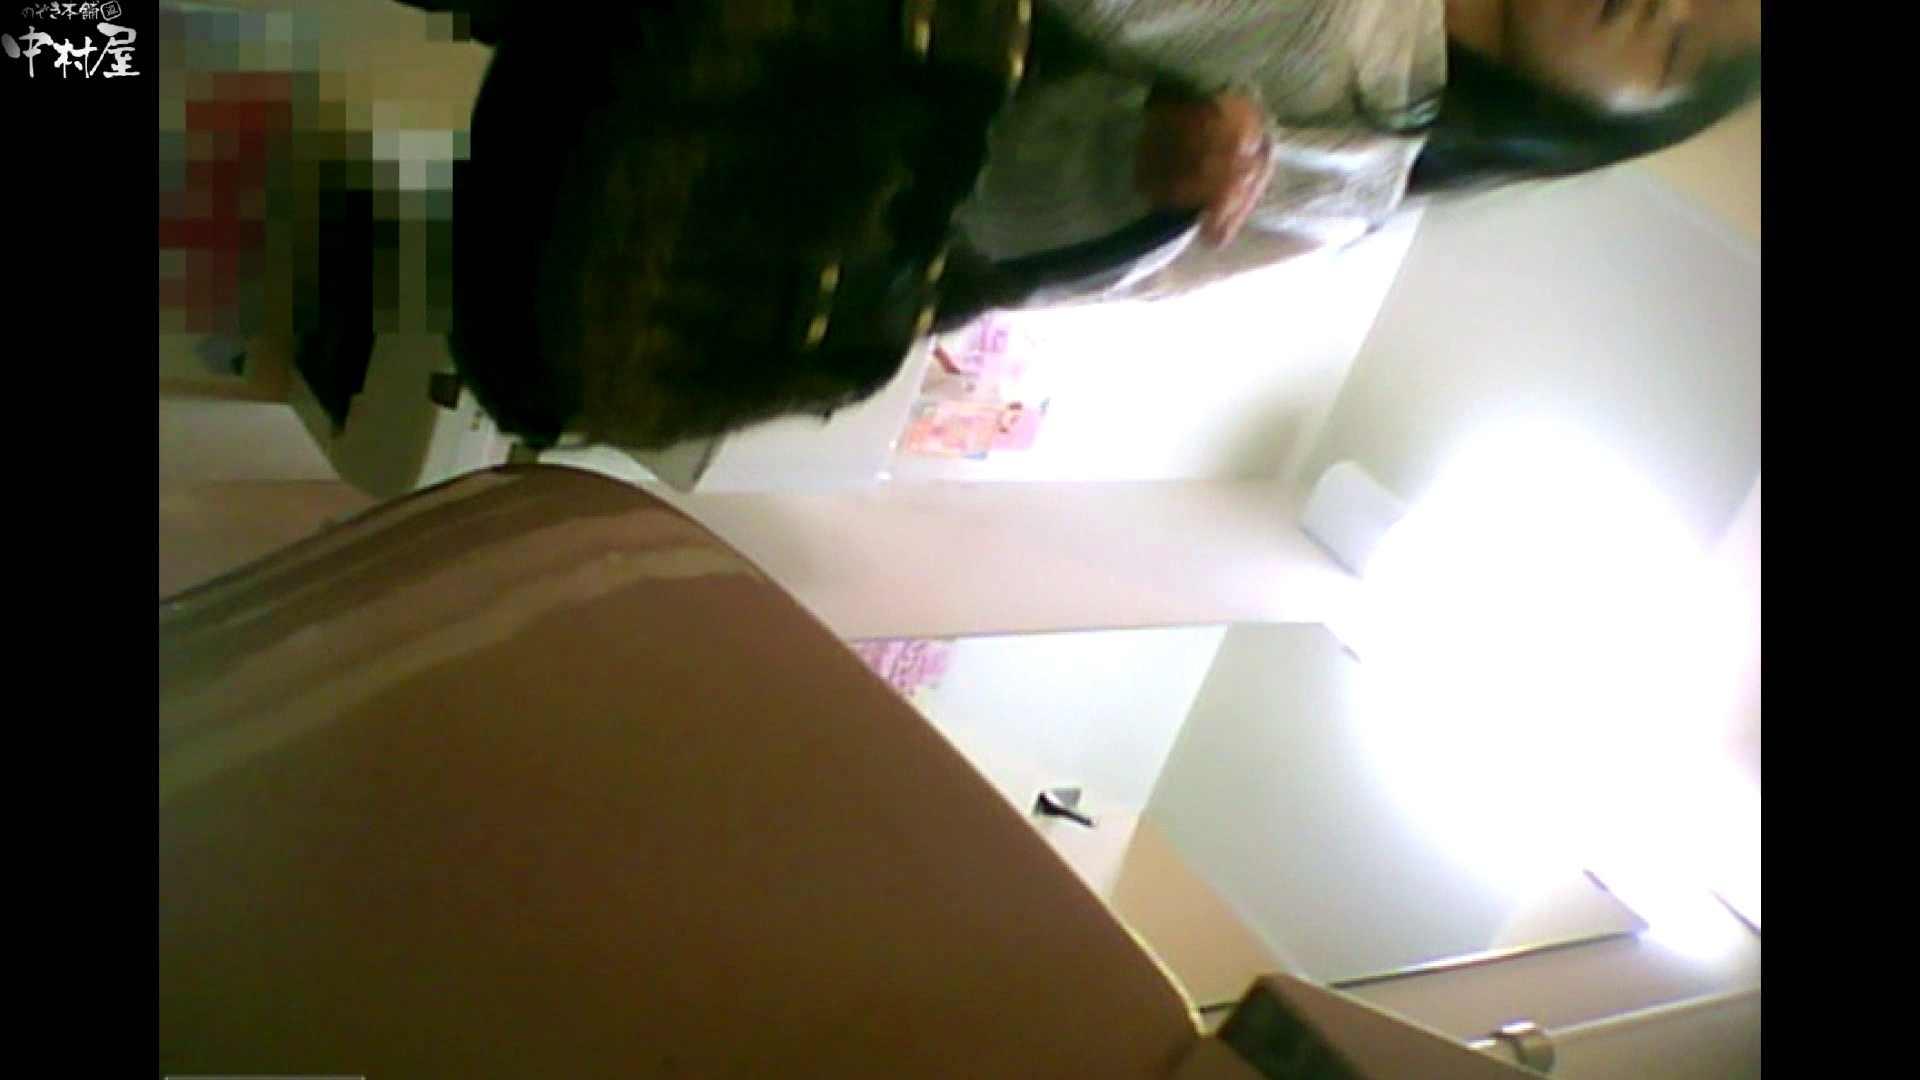 三つ目で盗撮 vol.51 マンコ・ムレムレ 性交動画流出 75pic 24